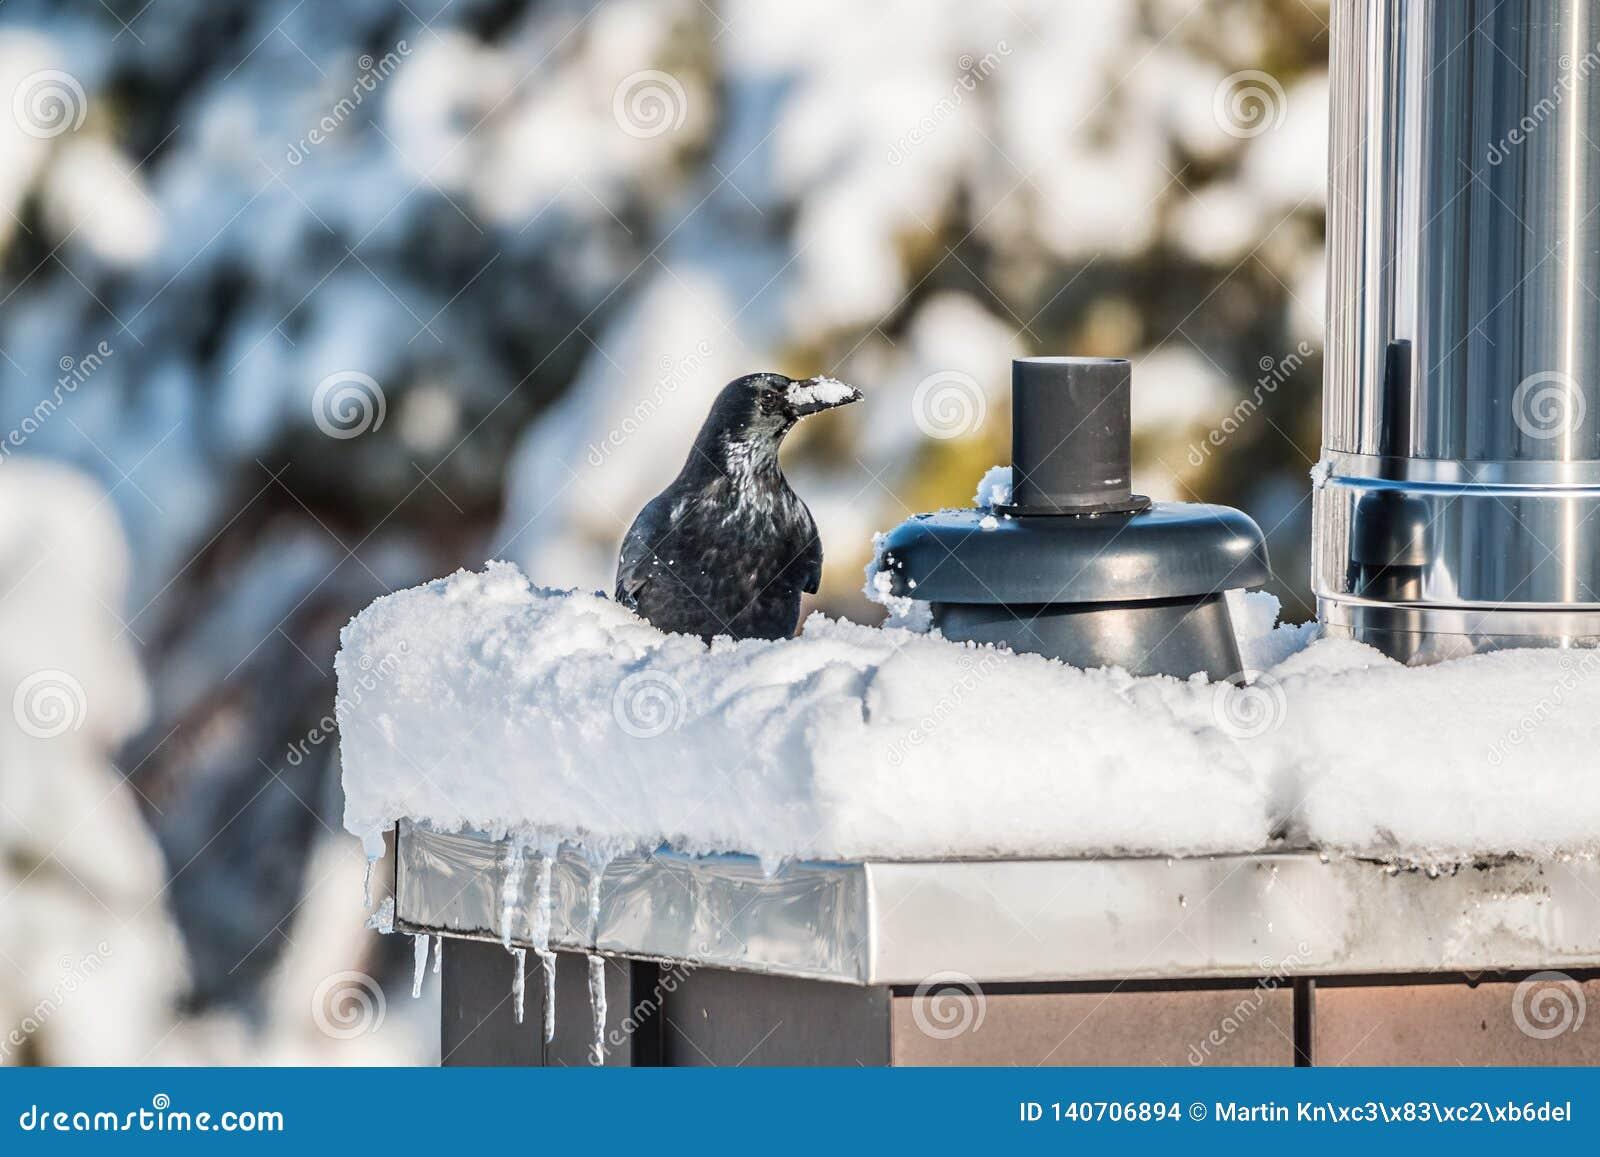 Corvo que senta-se em uma chaminé coberto de neve